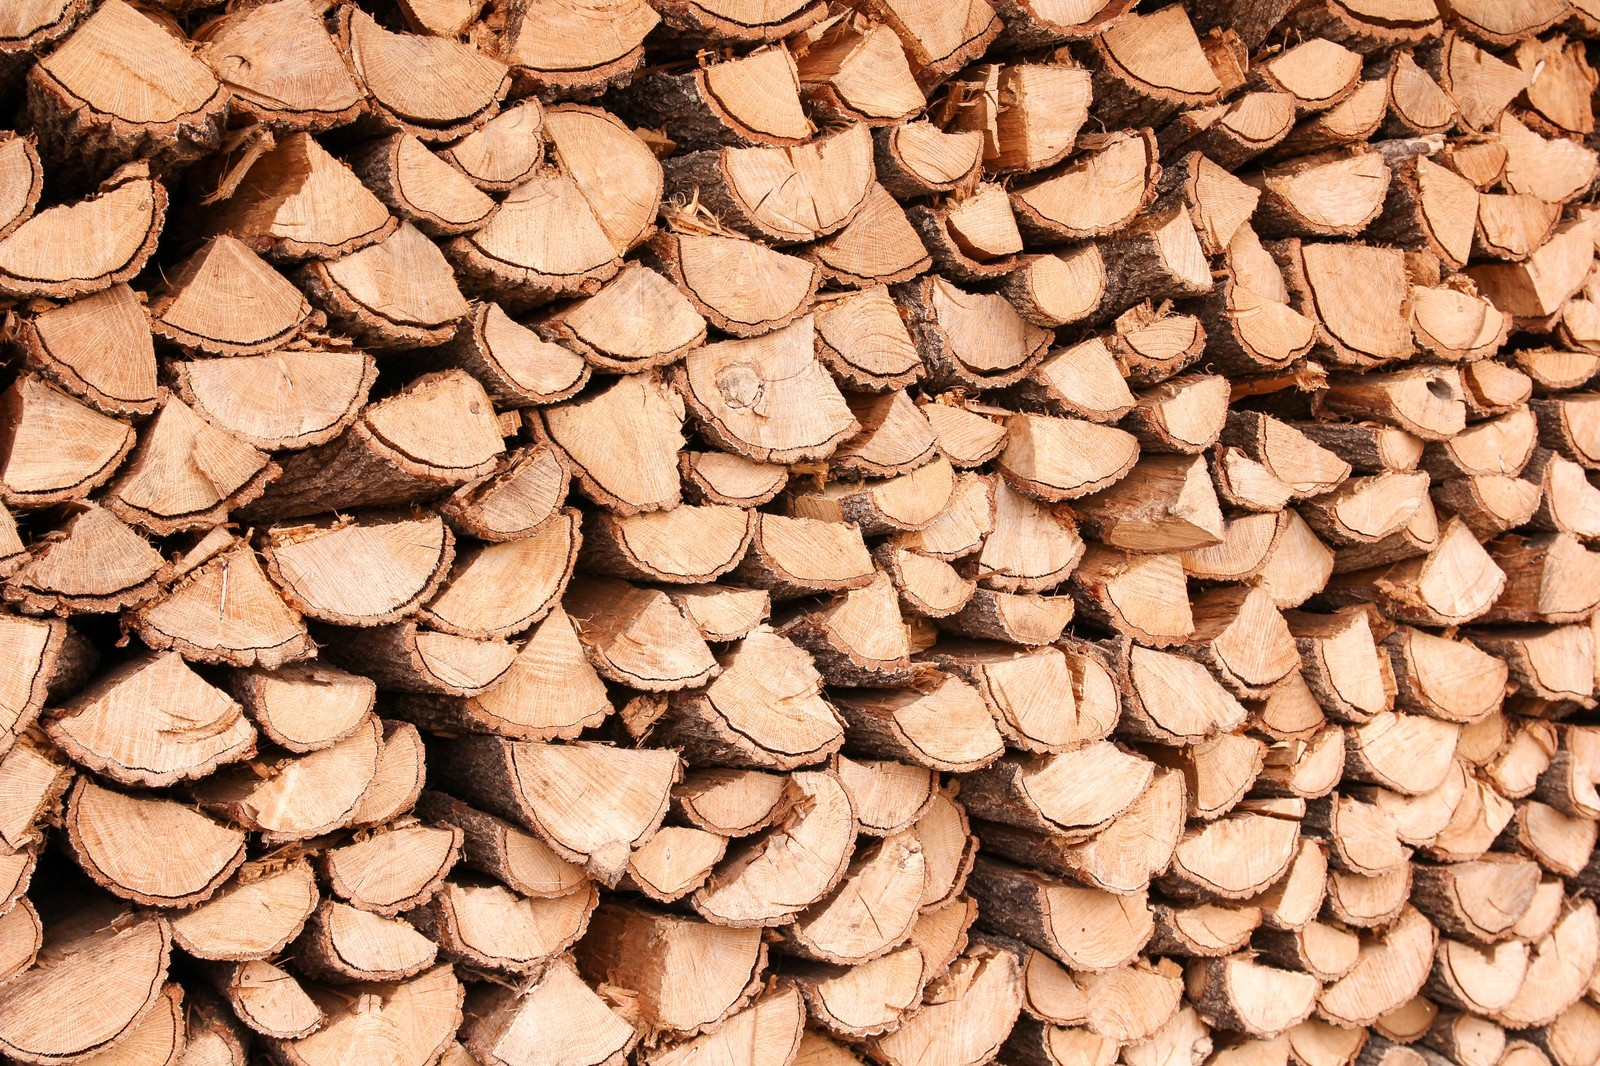 「暖炉用に積み上げられた薪」の写真